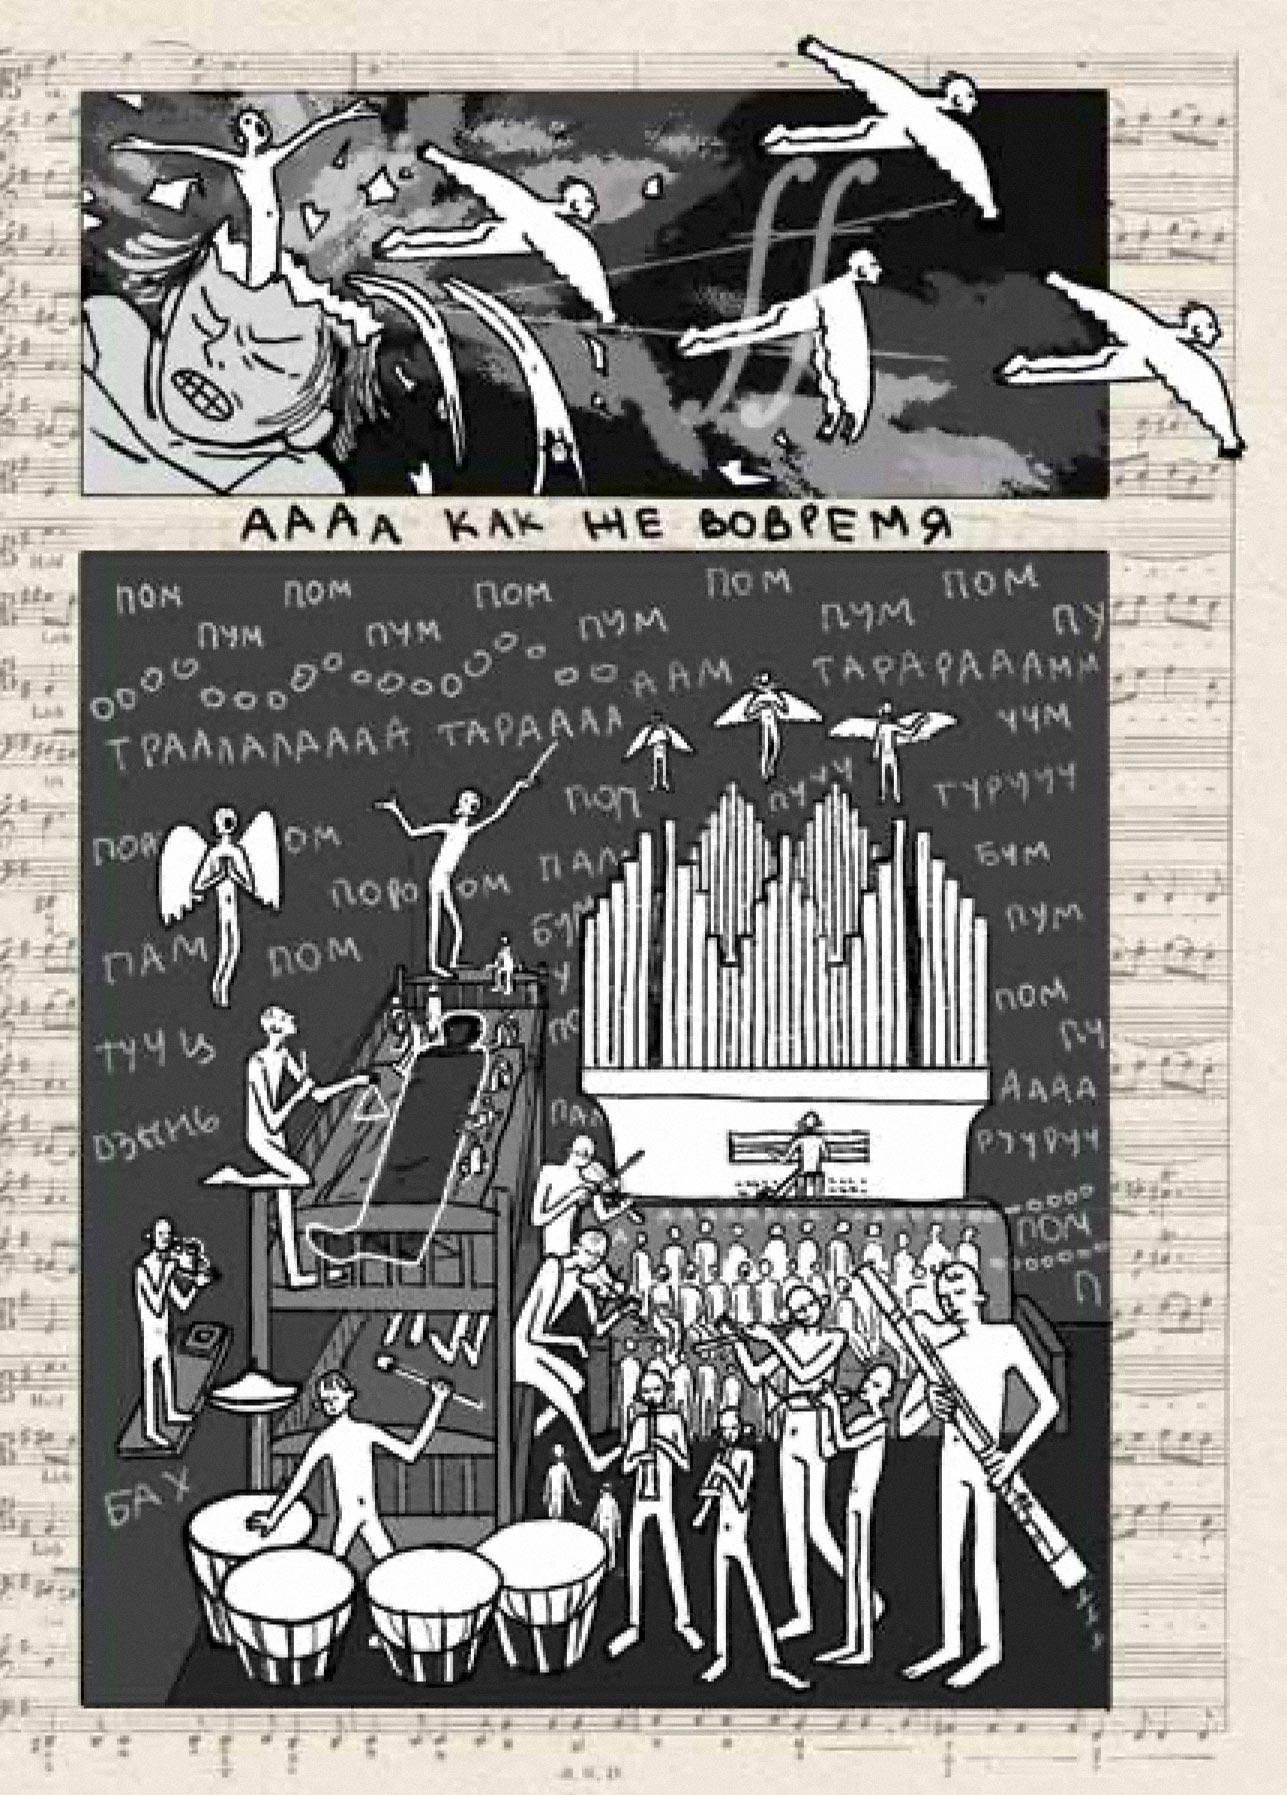 gon18 3 - <b>«Колония муравьев», Джо Сакко и шутки создательницы «Коня БоДжека»</b> – обзор комиксов от Катерины Сергацковой - Заборона